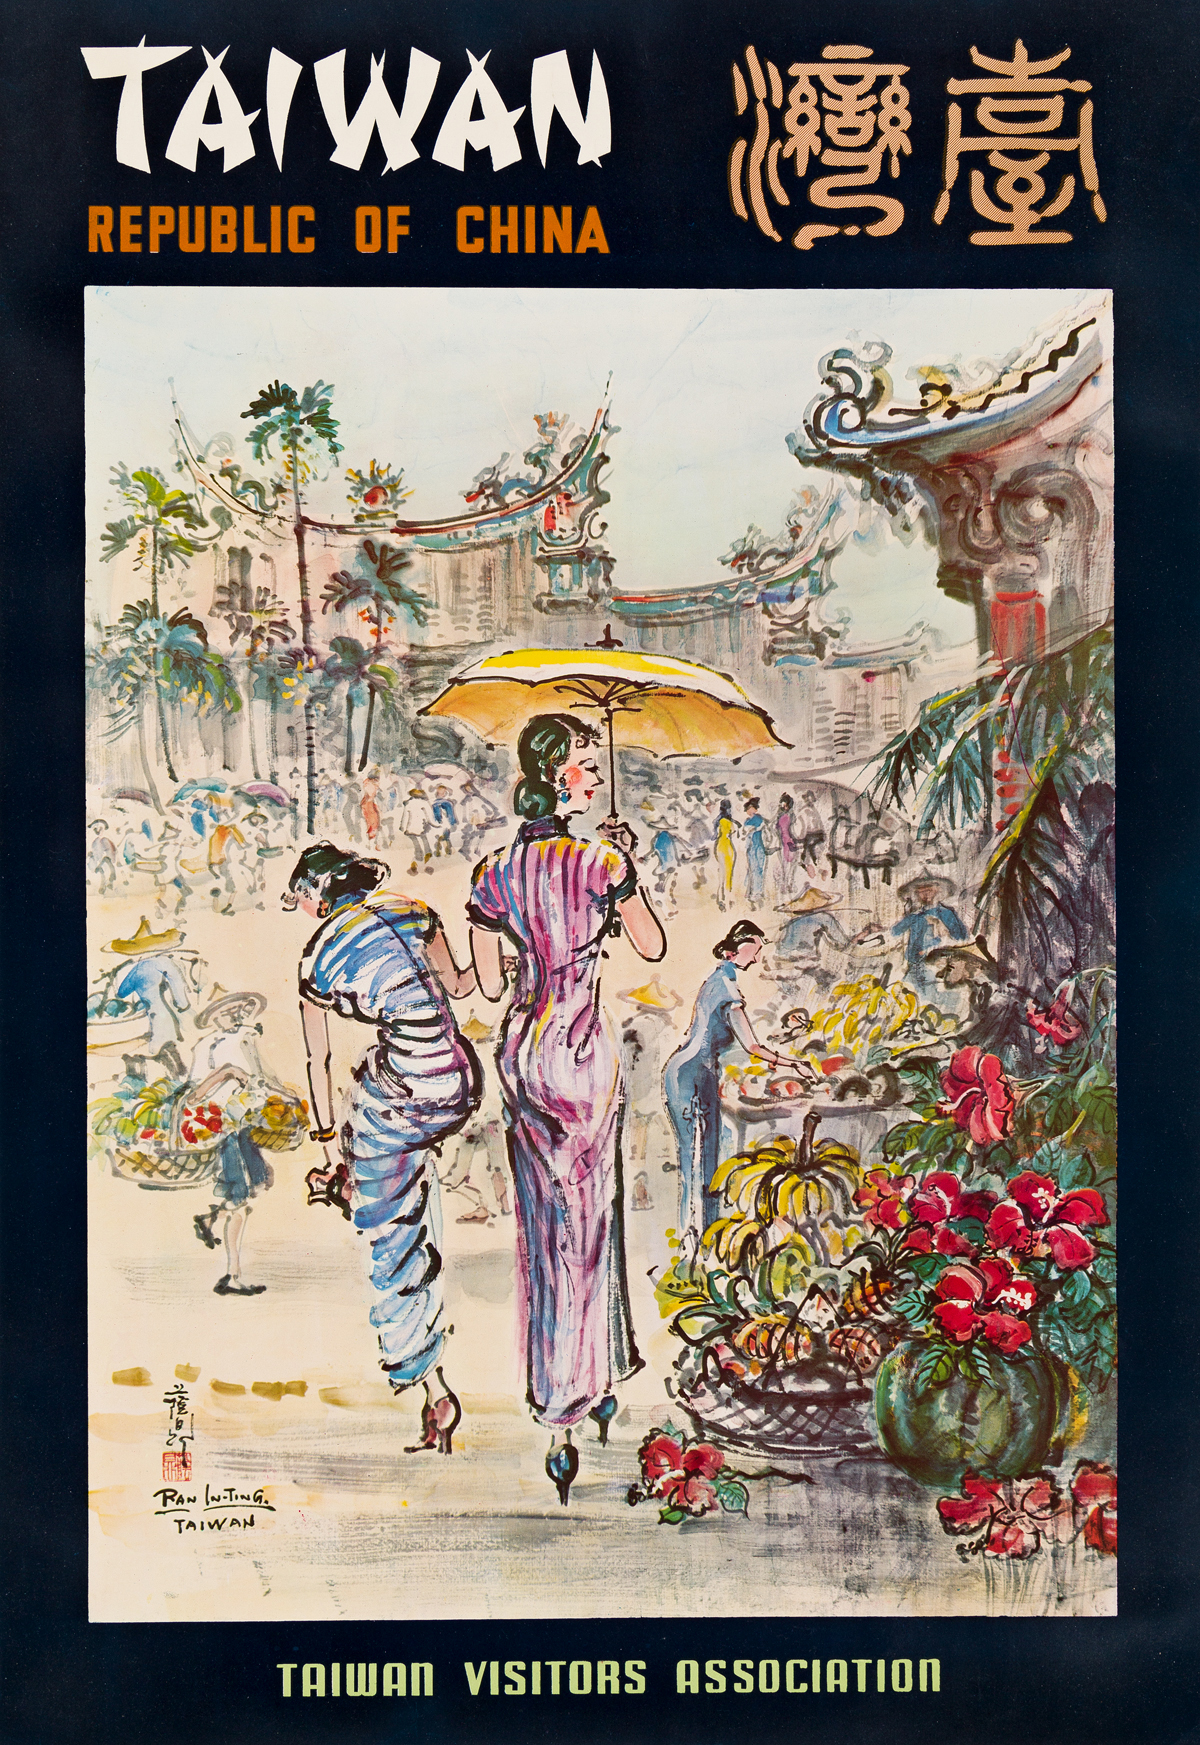 Ran-In-Ting-(1903-1979)--TAIWAN--REPUBLIC-OF-CHINA-Circa-195